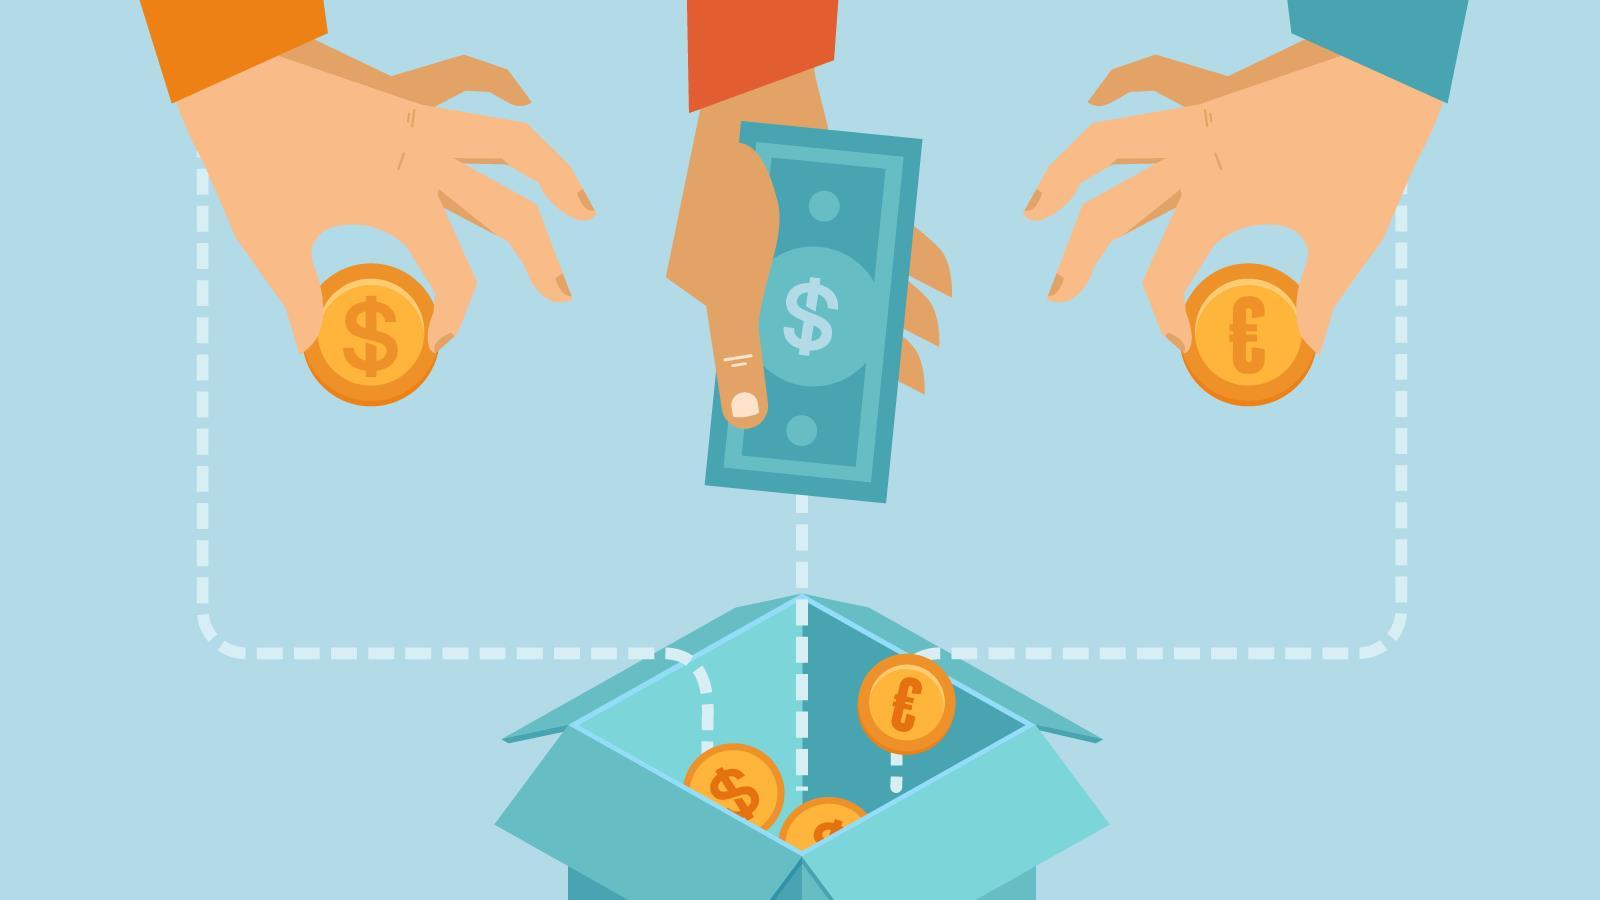 Có 500 triệu, làm gì để kiếm thêm tiền nhanh hiệu quả uy tín bây giờ